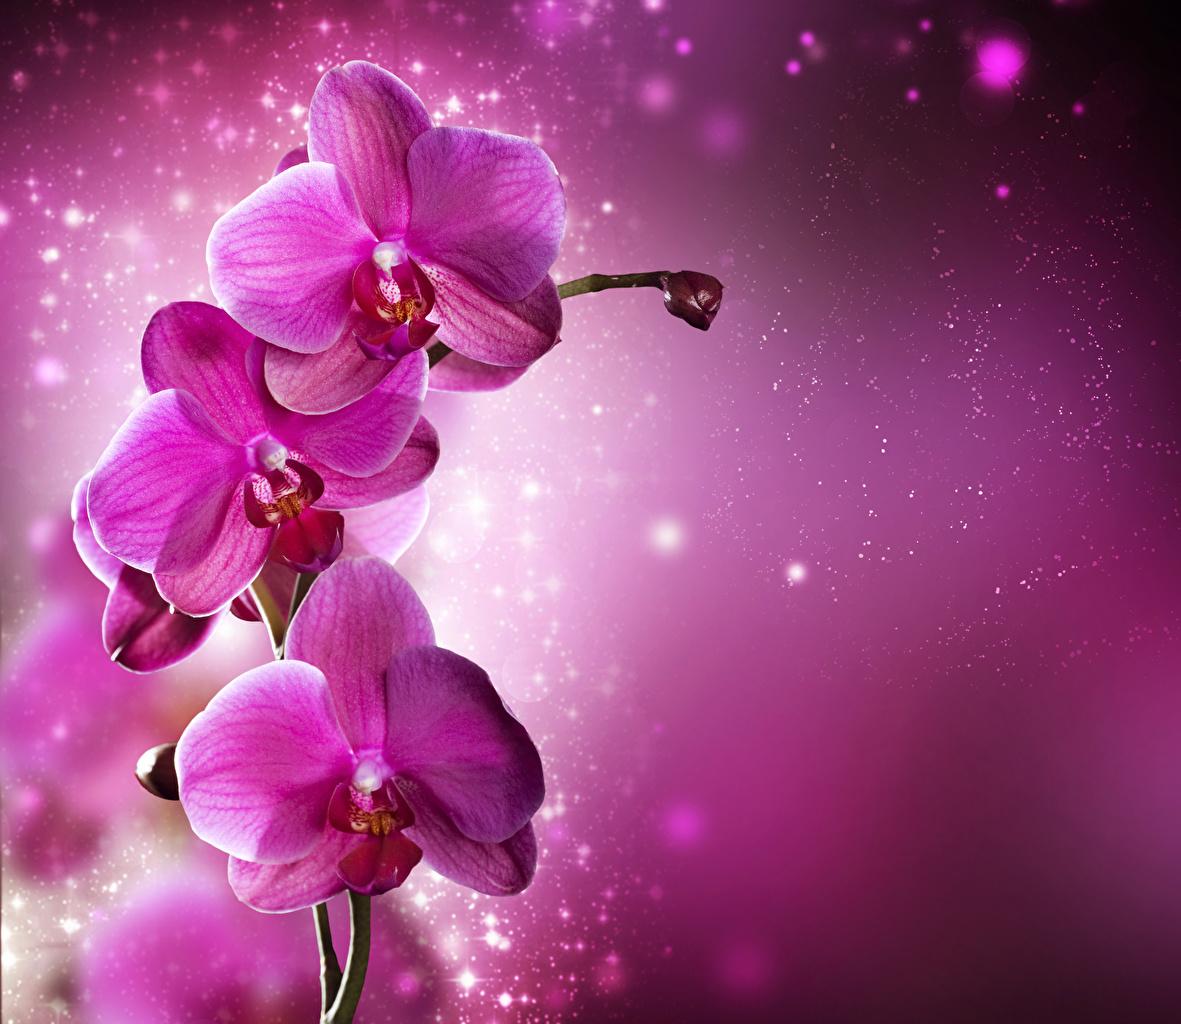 Картинка розовые орхидея цветок Крупным планом розовых Розовый розовая Орхидеи Цветы вблизи